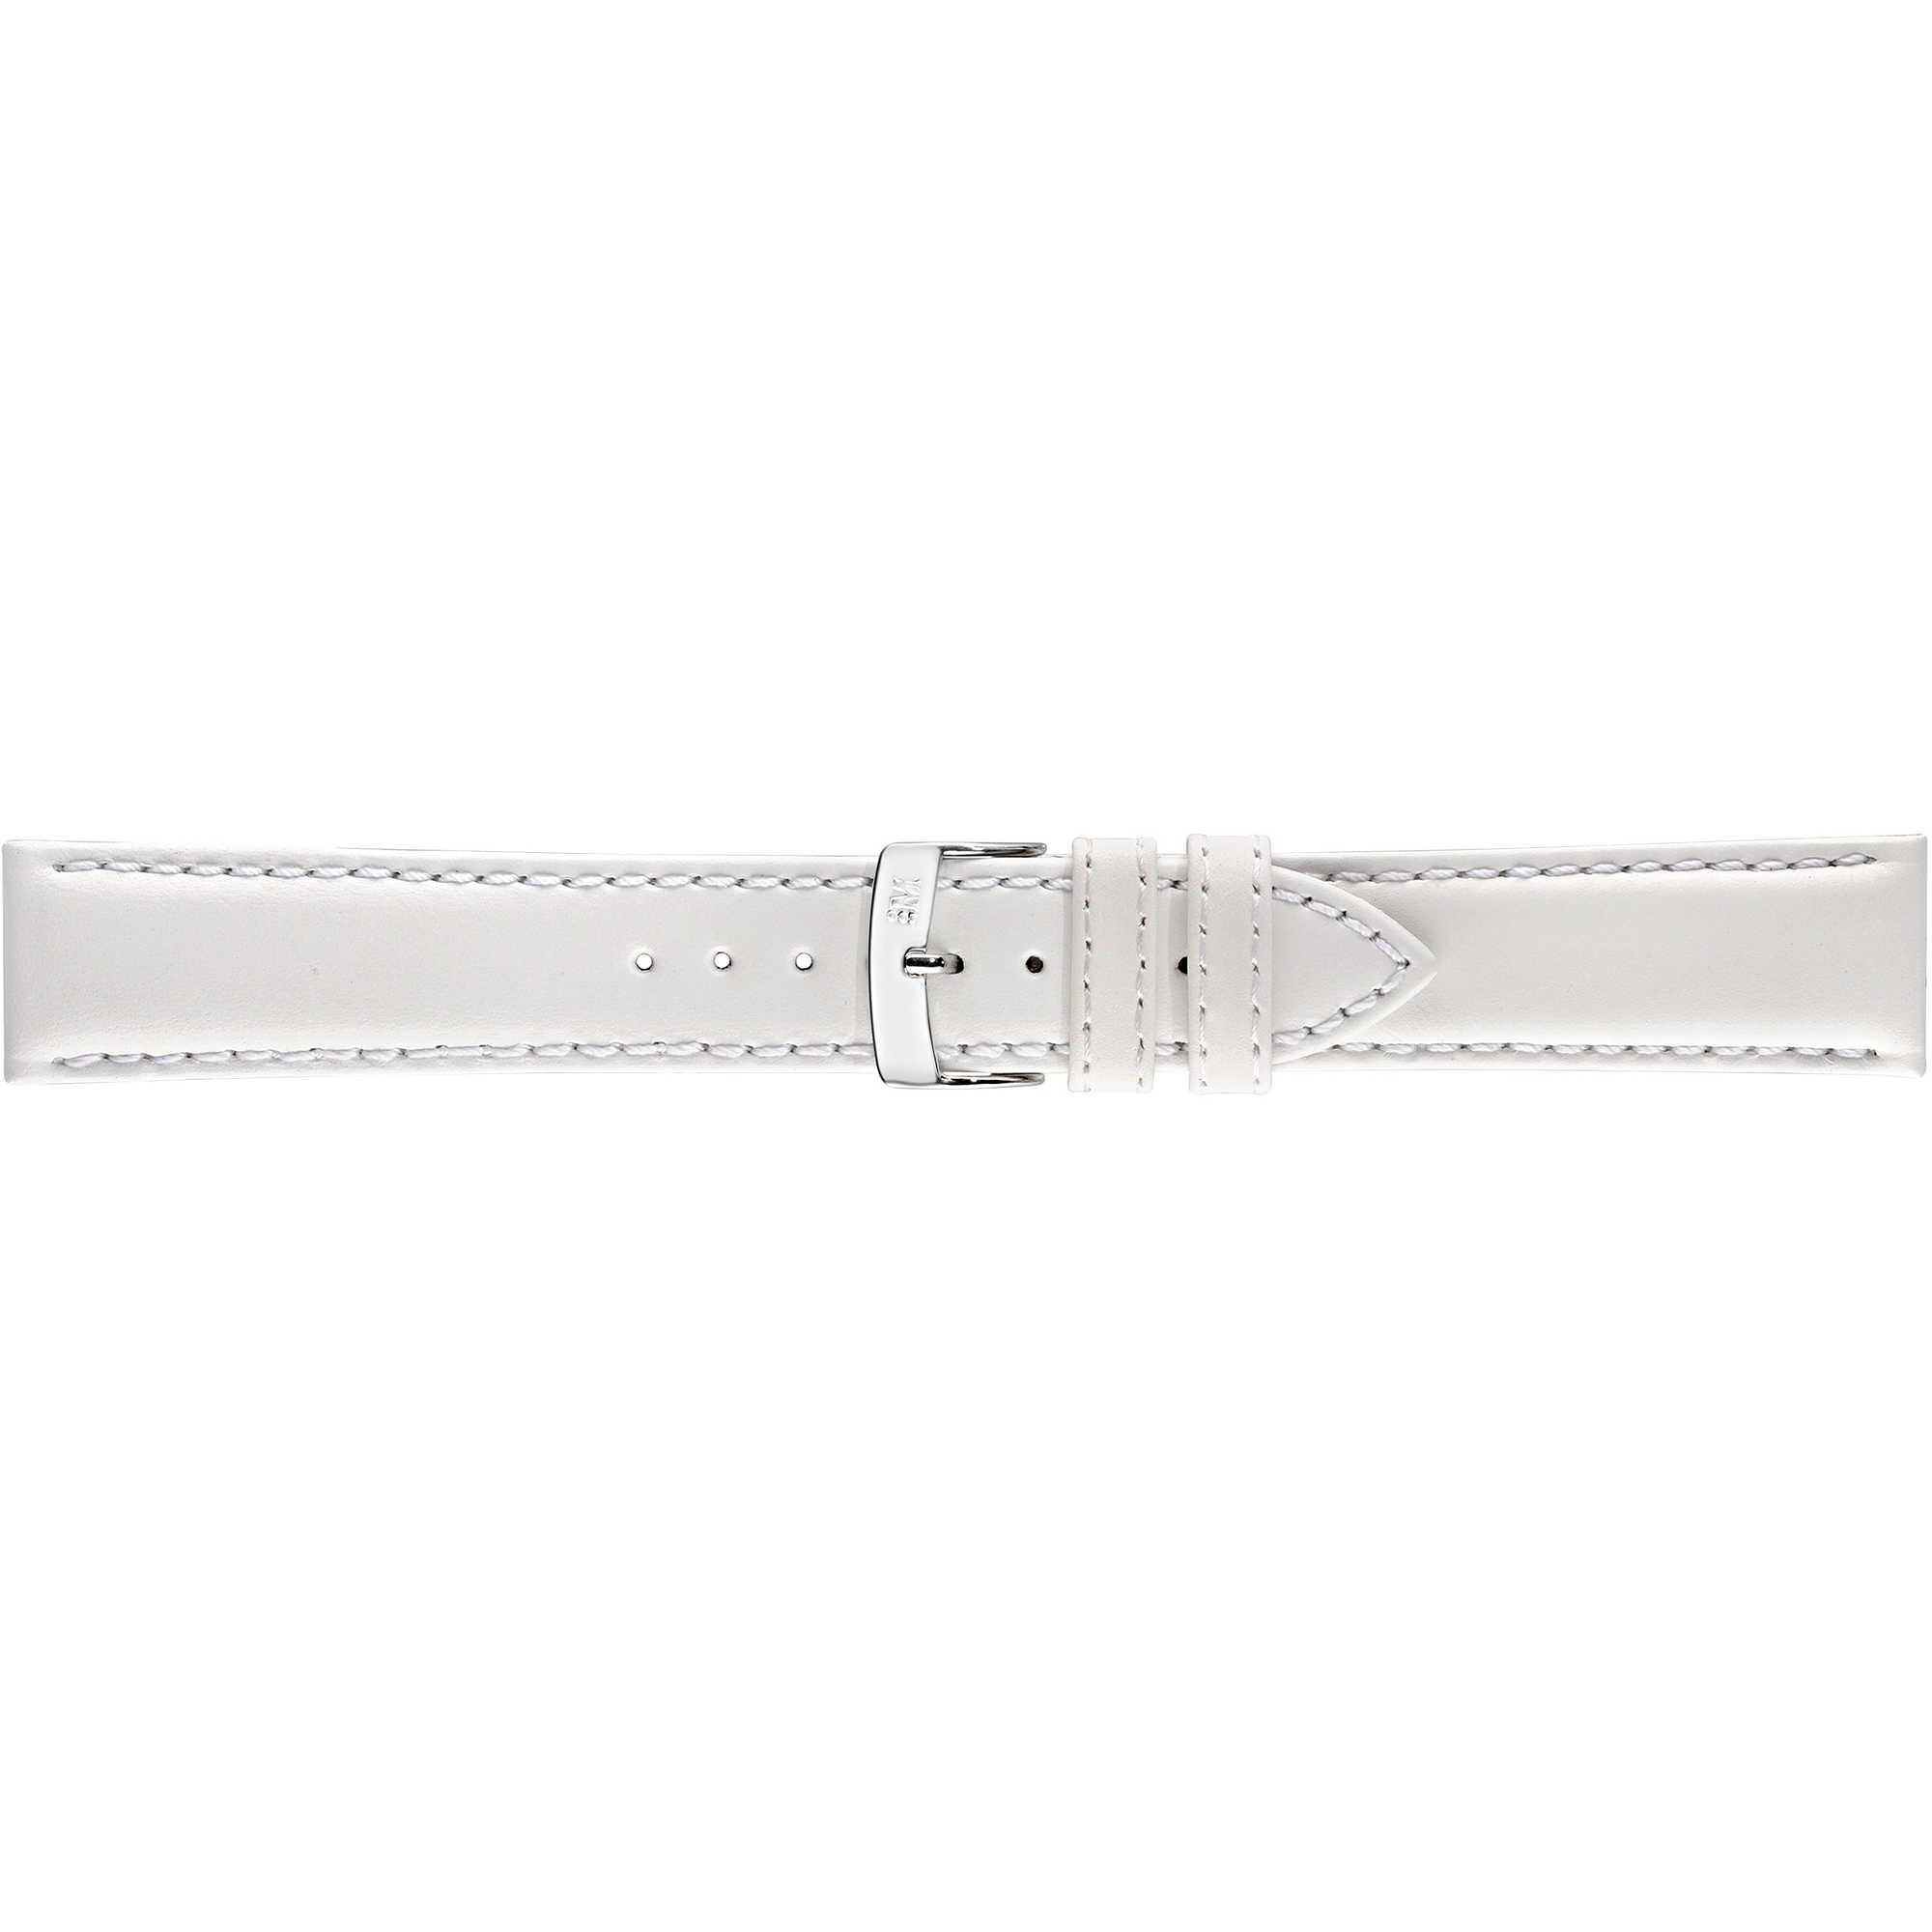 orologio cinturini di ricambio orologi uomo Morellato Linea Sport  A01X2785237017CR18. zoom 5f790daa19d